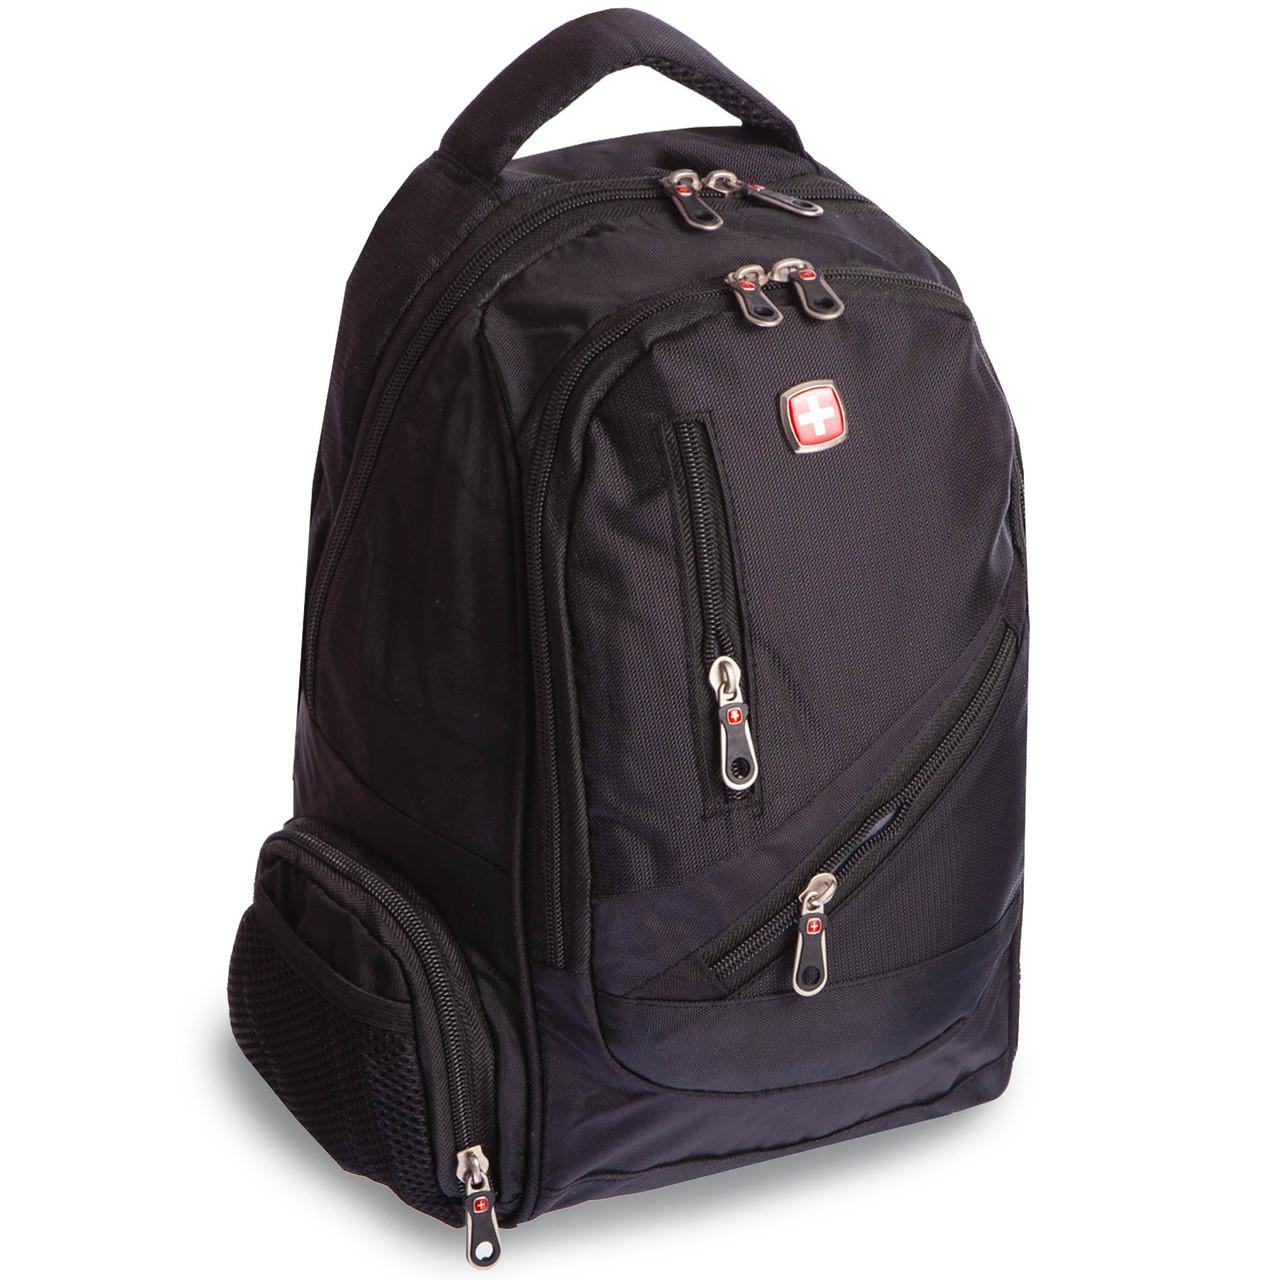 Рюкзак городской planeta-sport VICTOR 20л A815 16x30x39см USB Черный